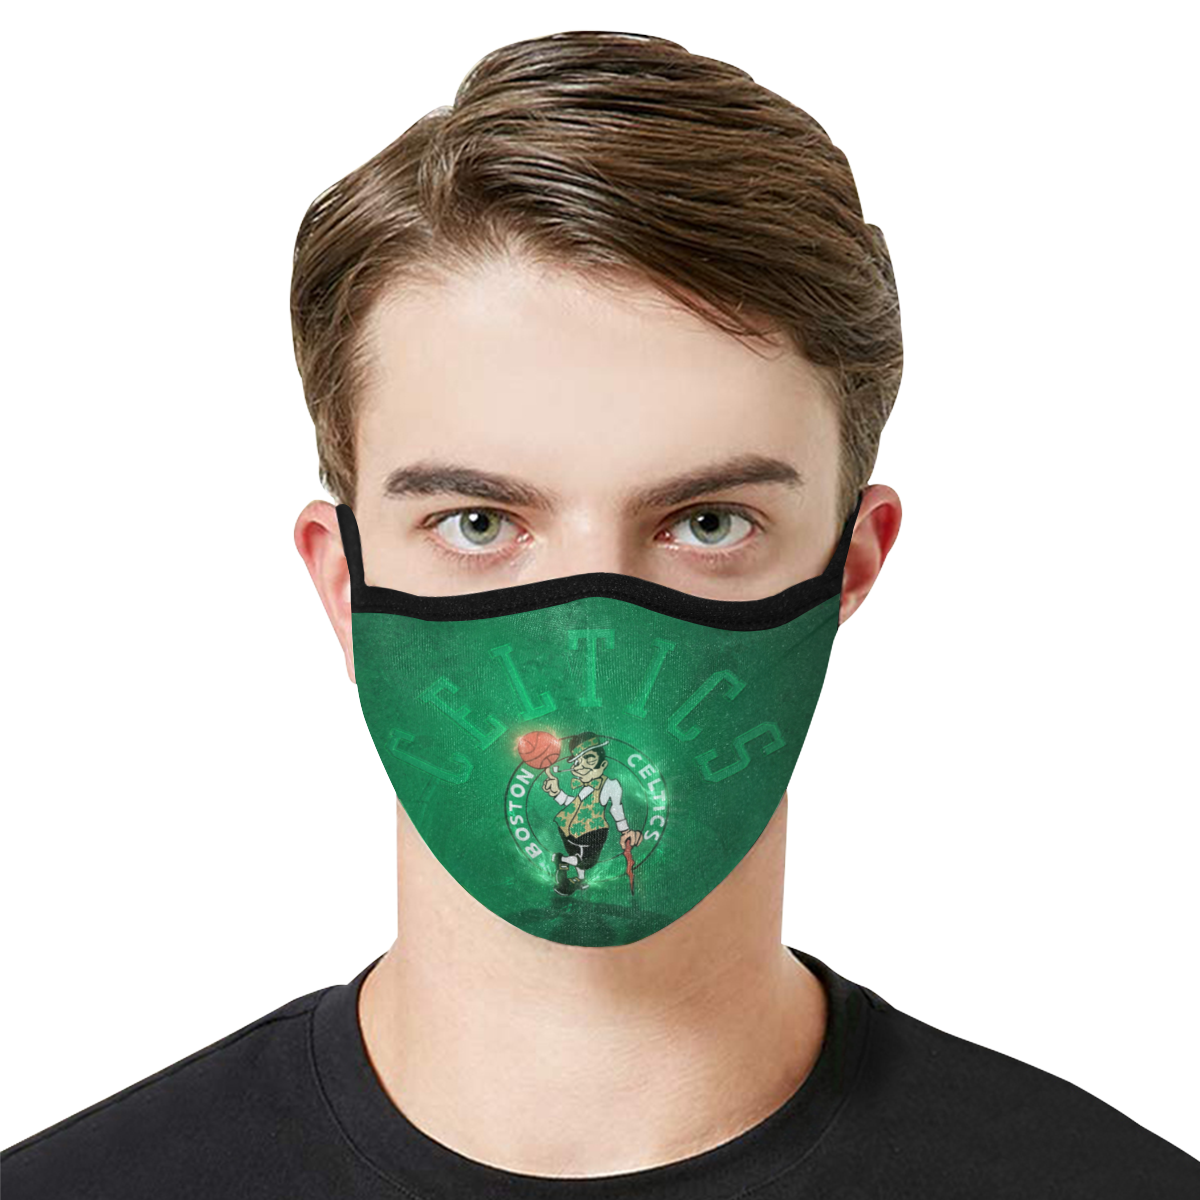 Boston Celtics Face Mask